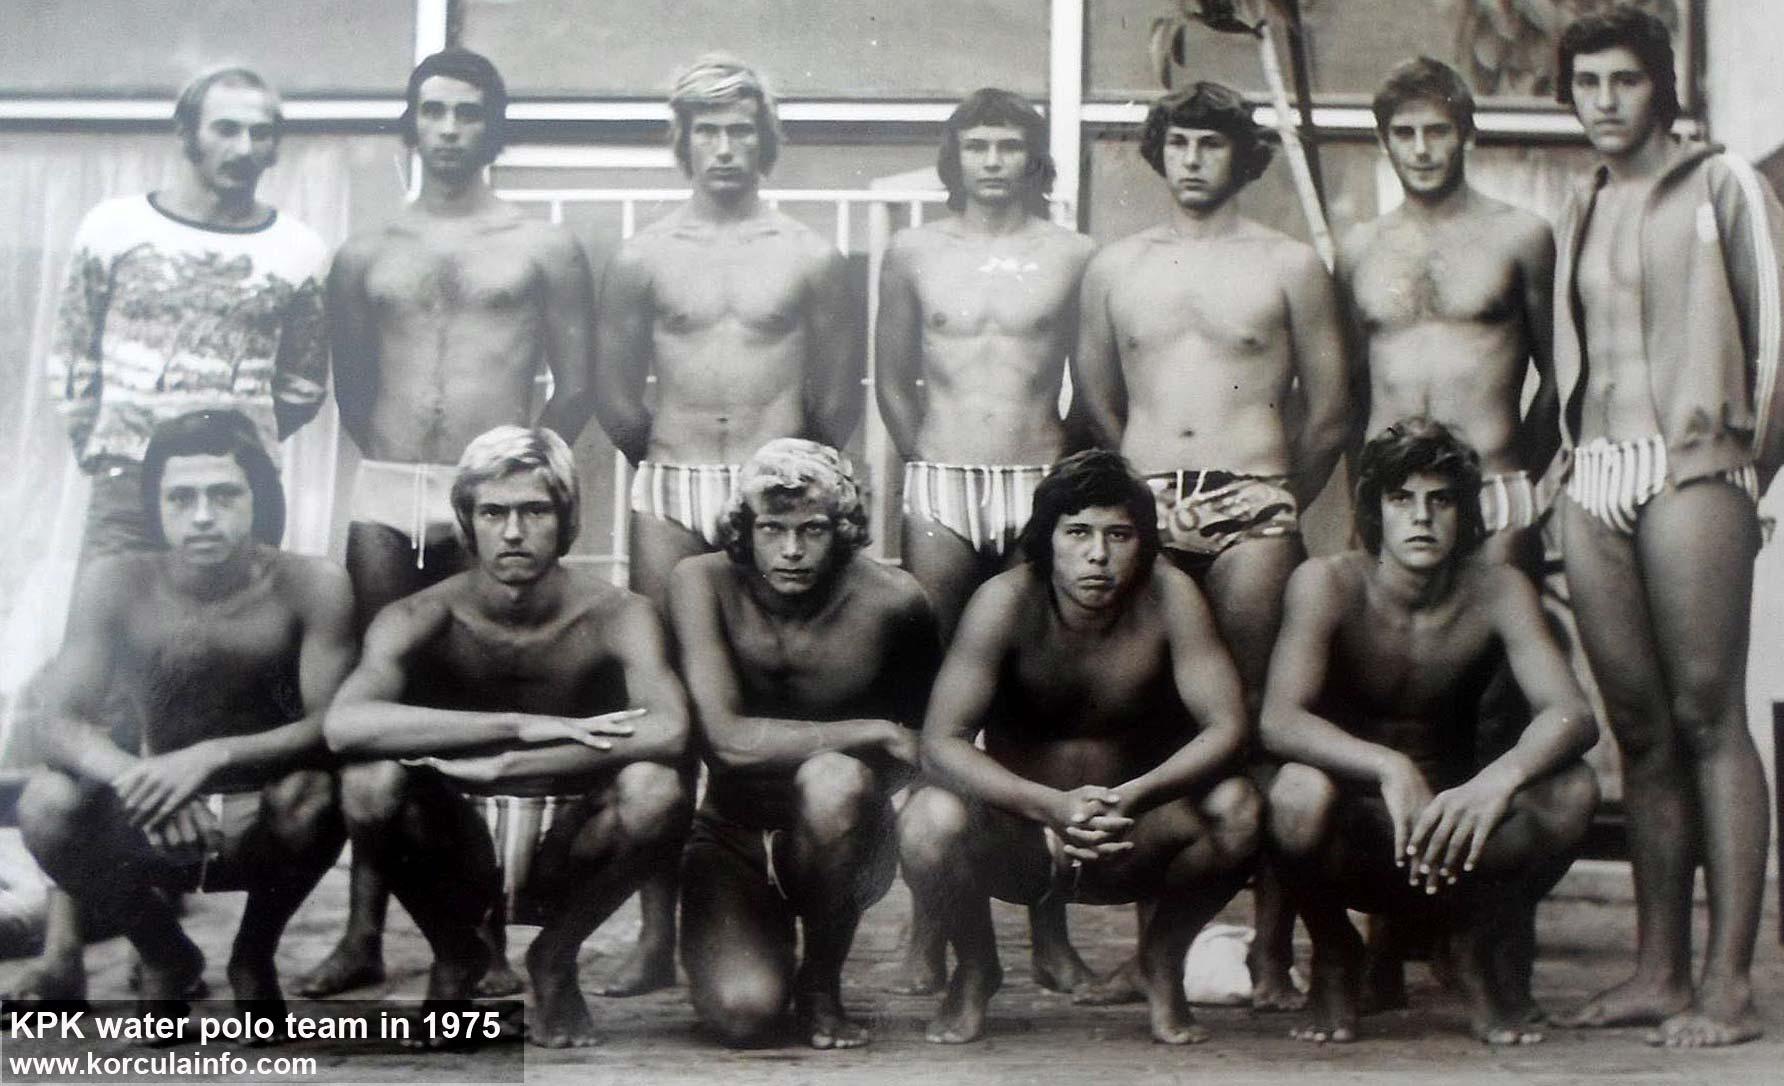 KPK Water Polo Team (1975)